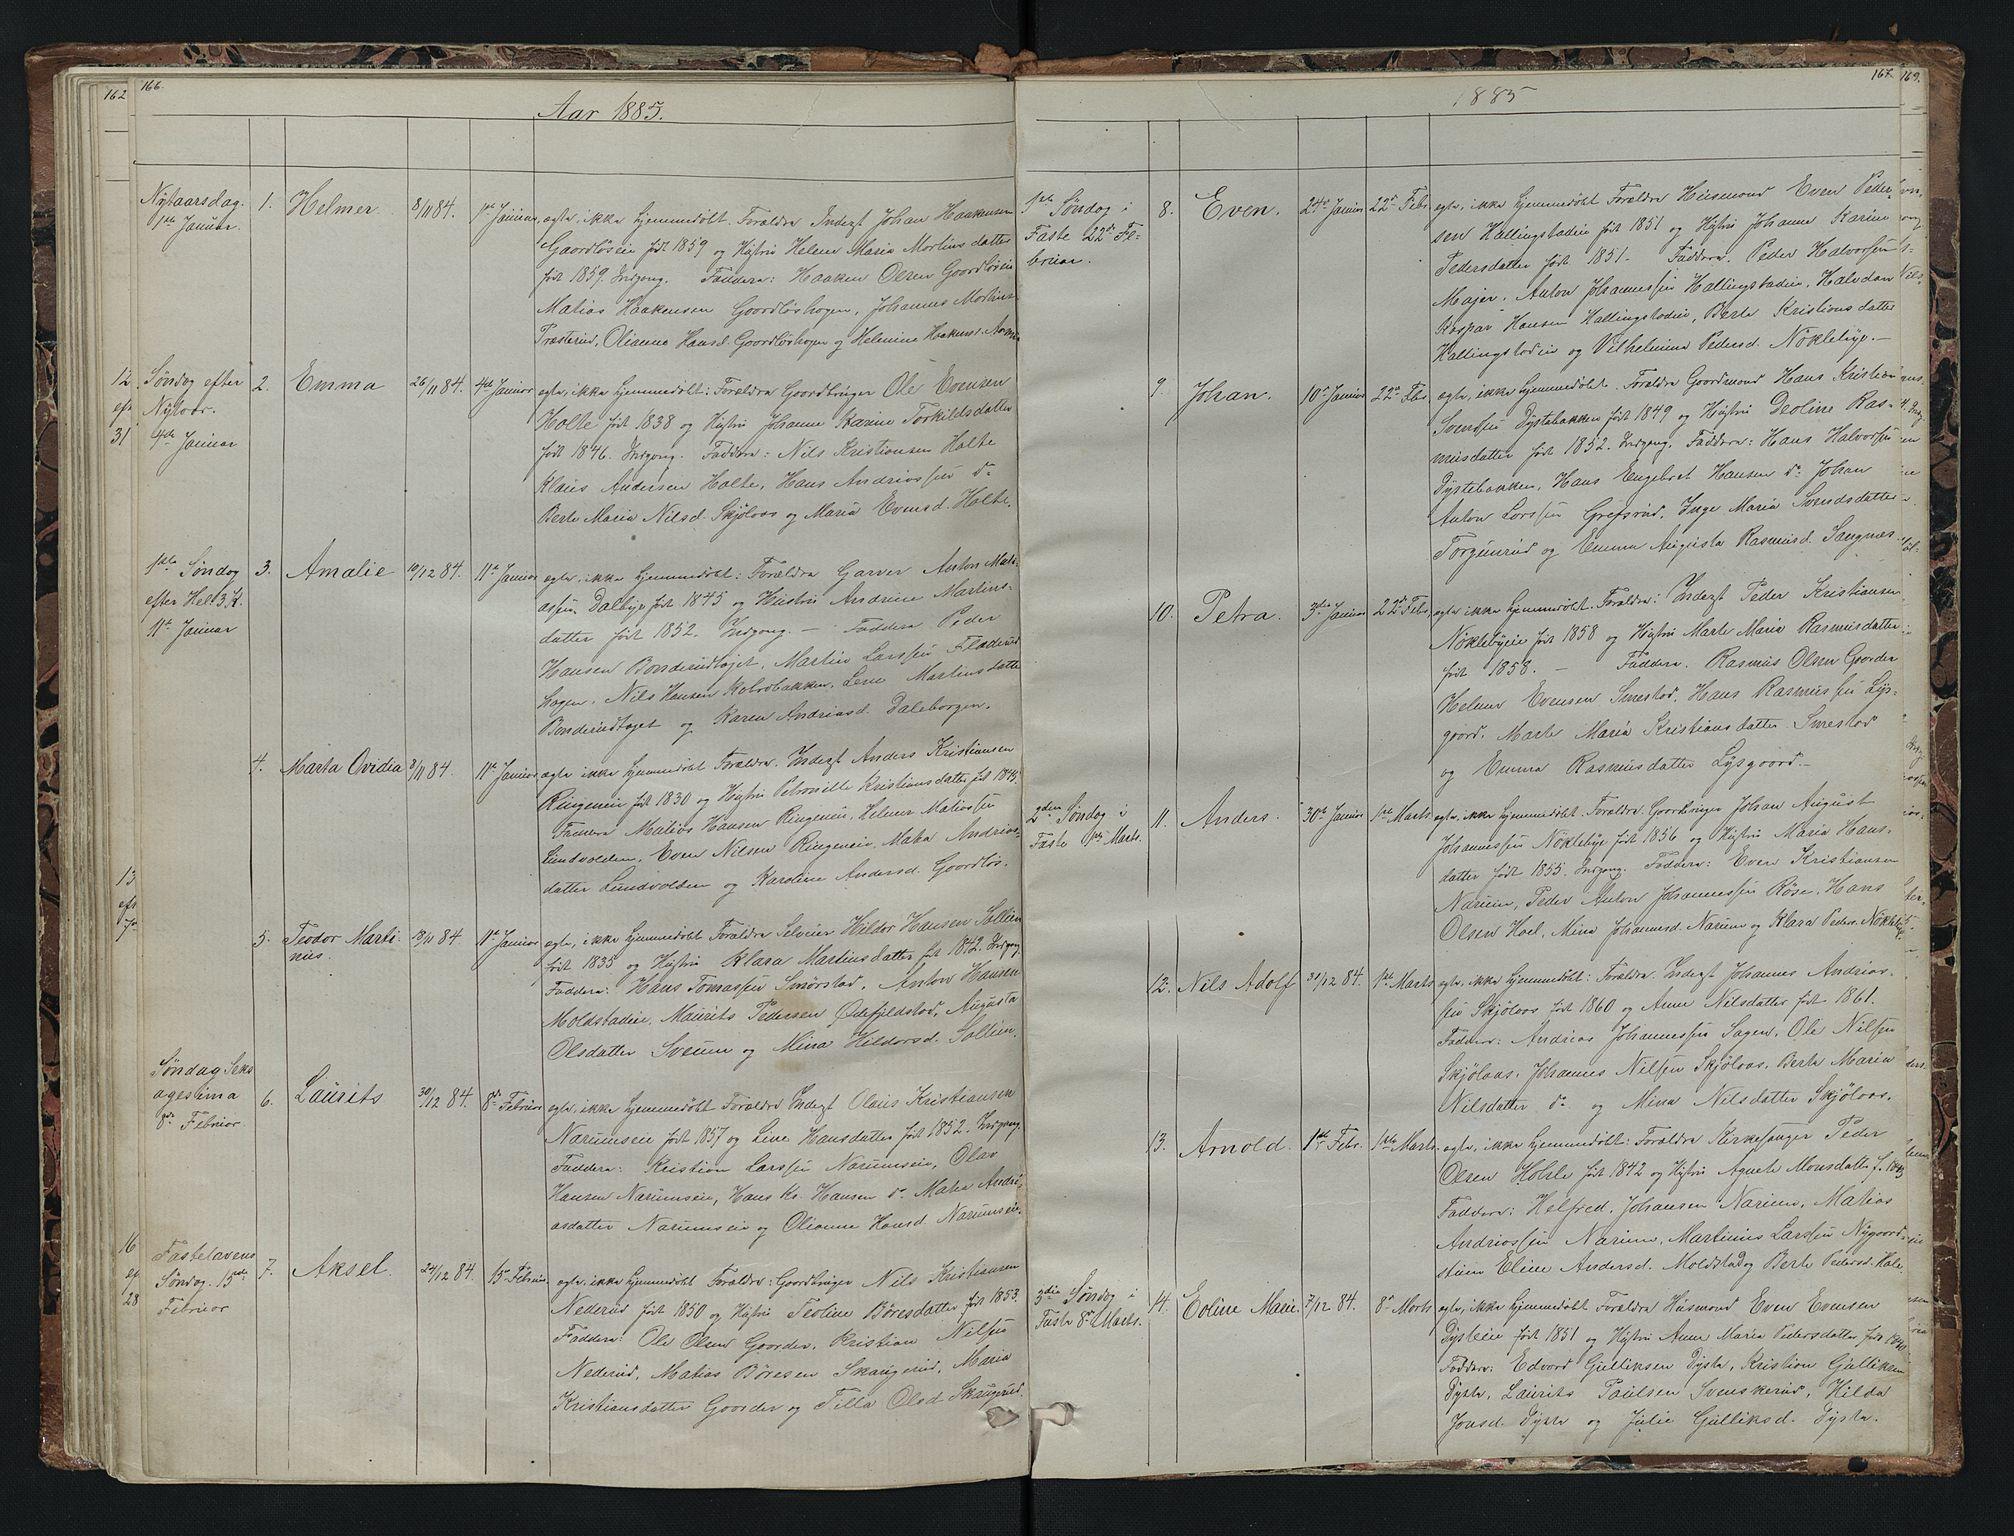 SAH, Vestre Toten prestekontor, H/Ha/Hab/L0007: Klokkerbok nr. 7, 1872-1900, s. 166-167